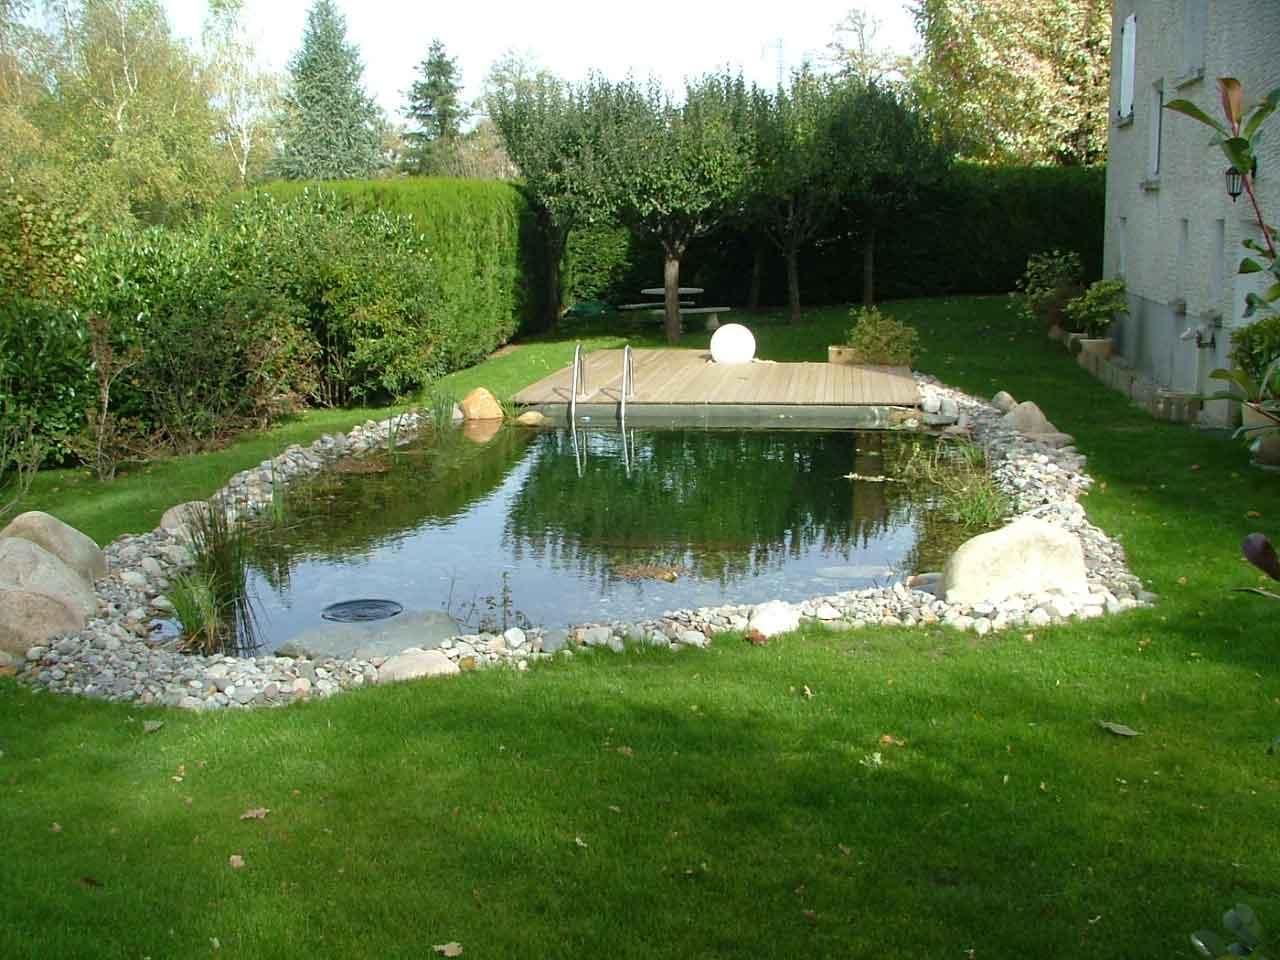 Jardin conseil constructeur de piscines aurillac cantal for Aurillac piscine